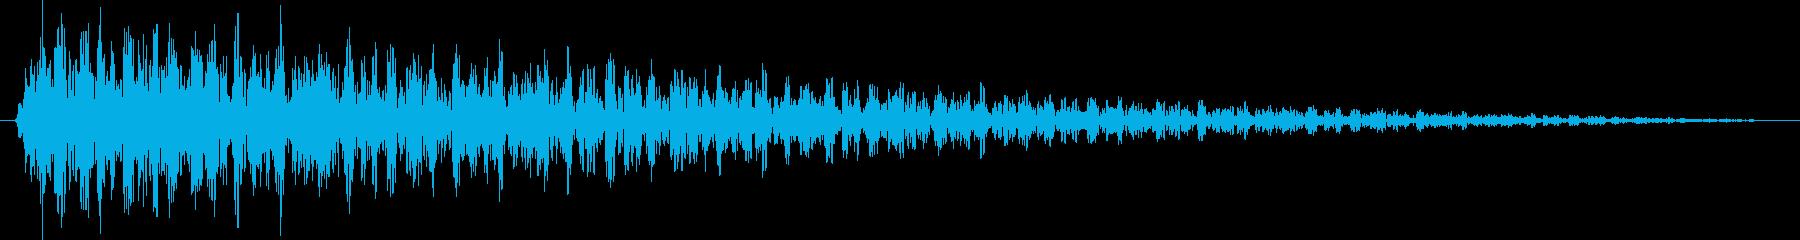 ガーン【ショック、失敗、不正解】の再生済みの波形